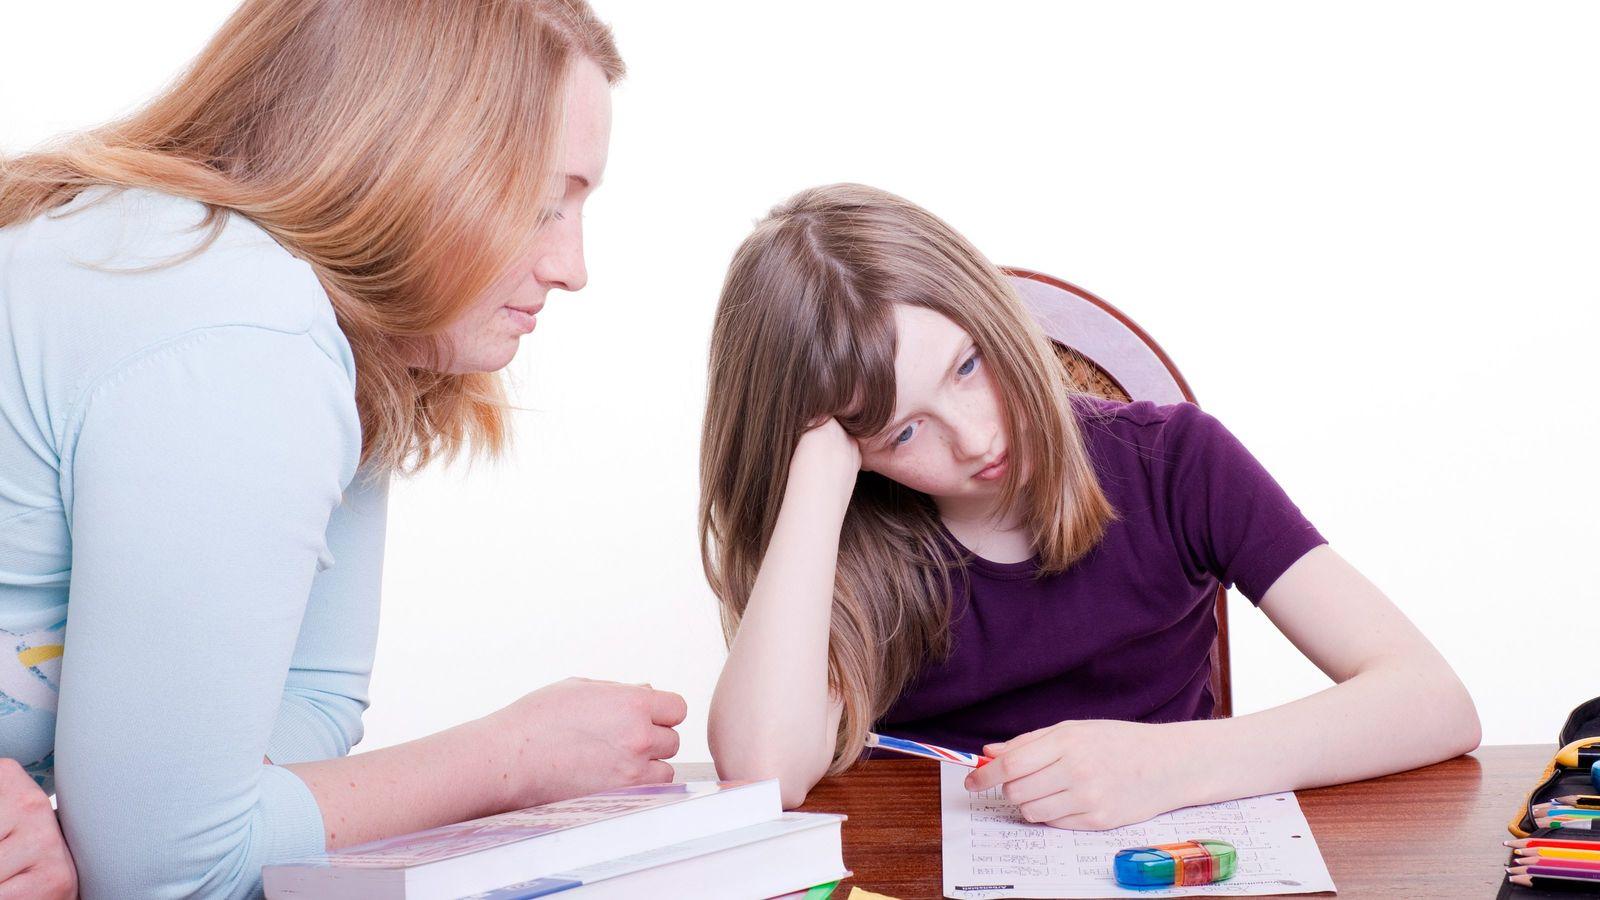 コロナ禍で子供の勉強意欲の芽を潰す「共働き世帯」の条件 子の学力をグングン伸ばす親の特徴